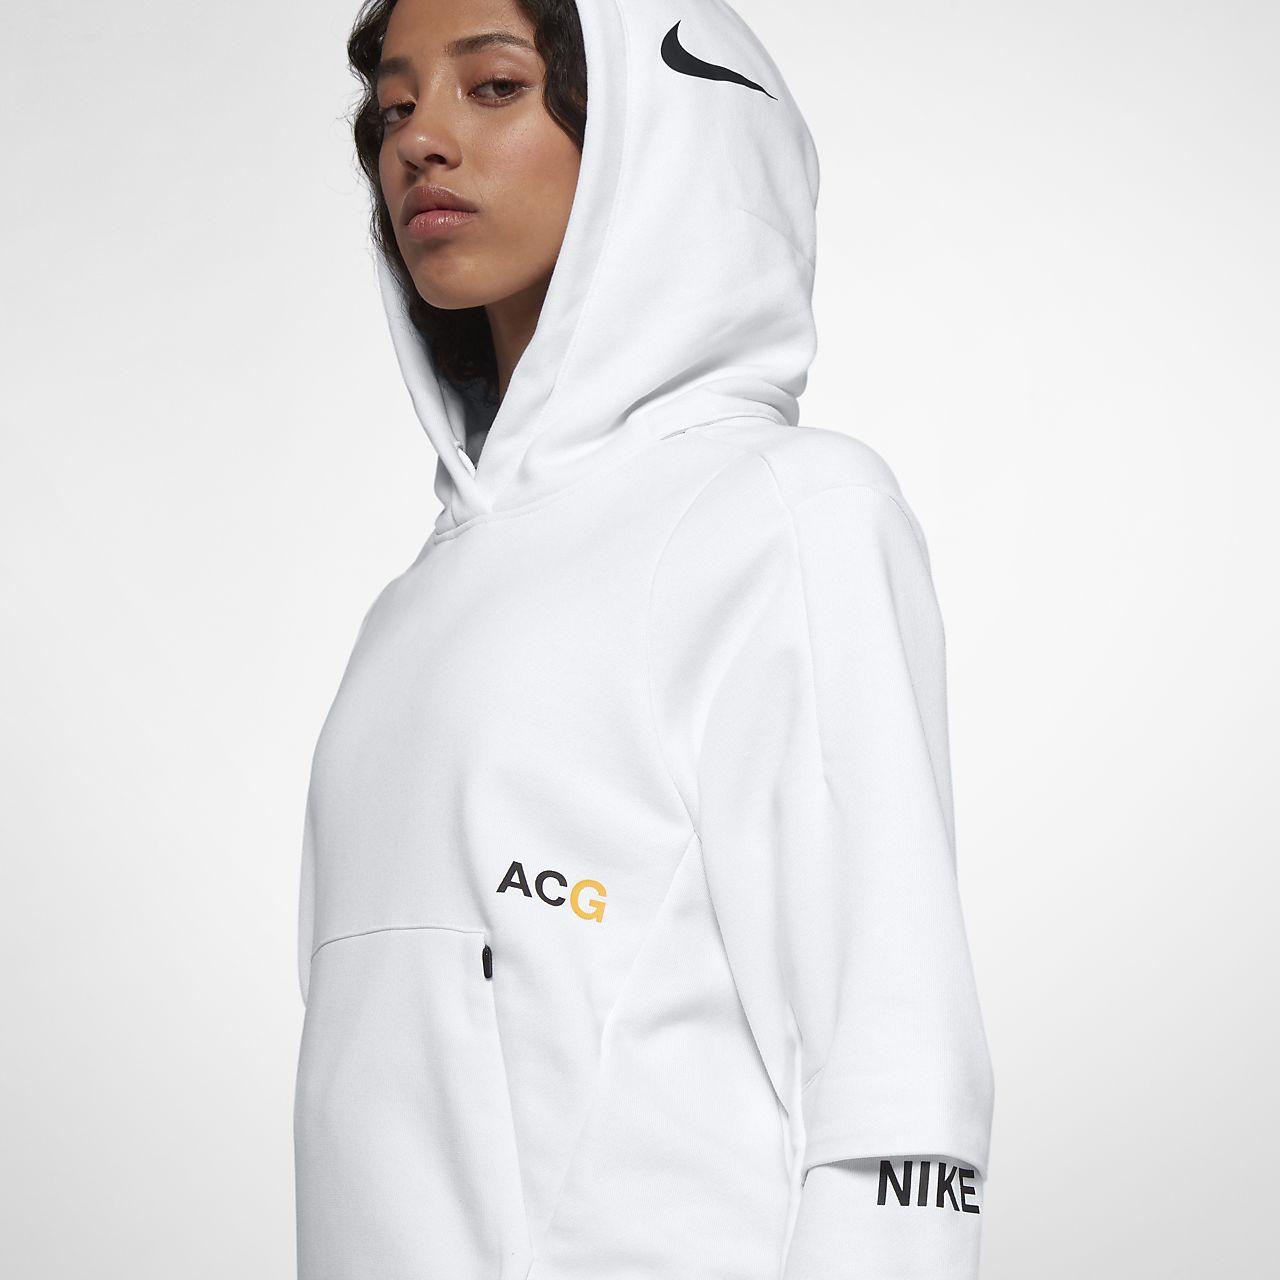 NikeLab ACG Women's Pullover Hoodie